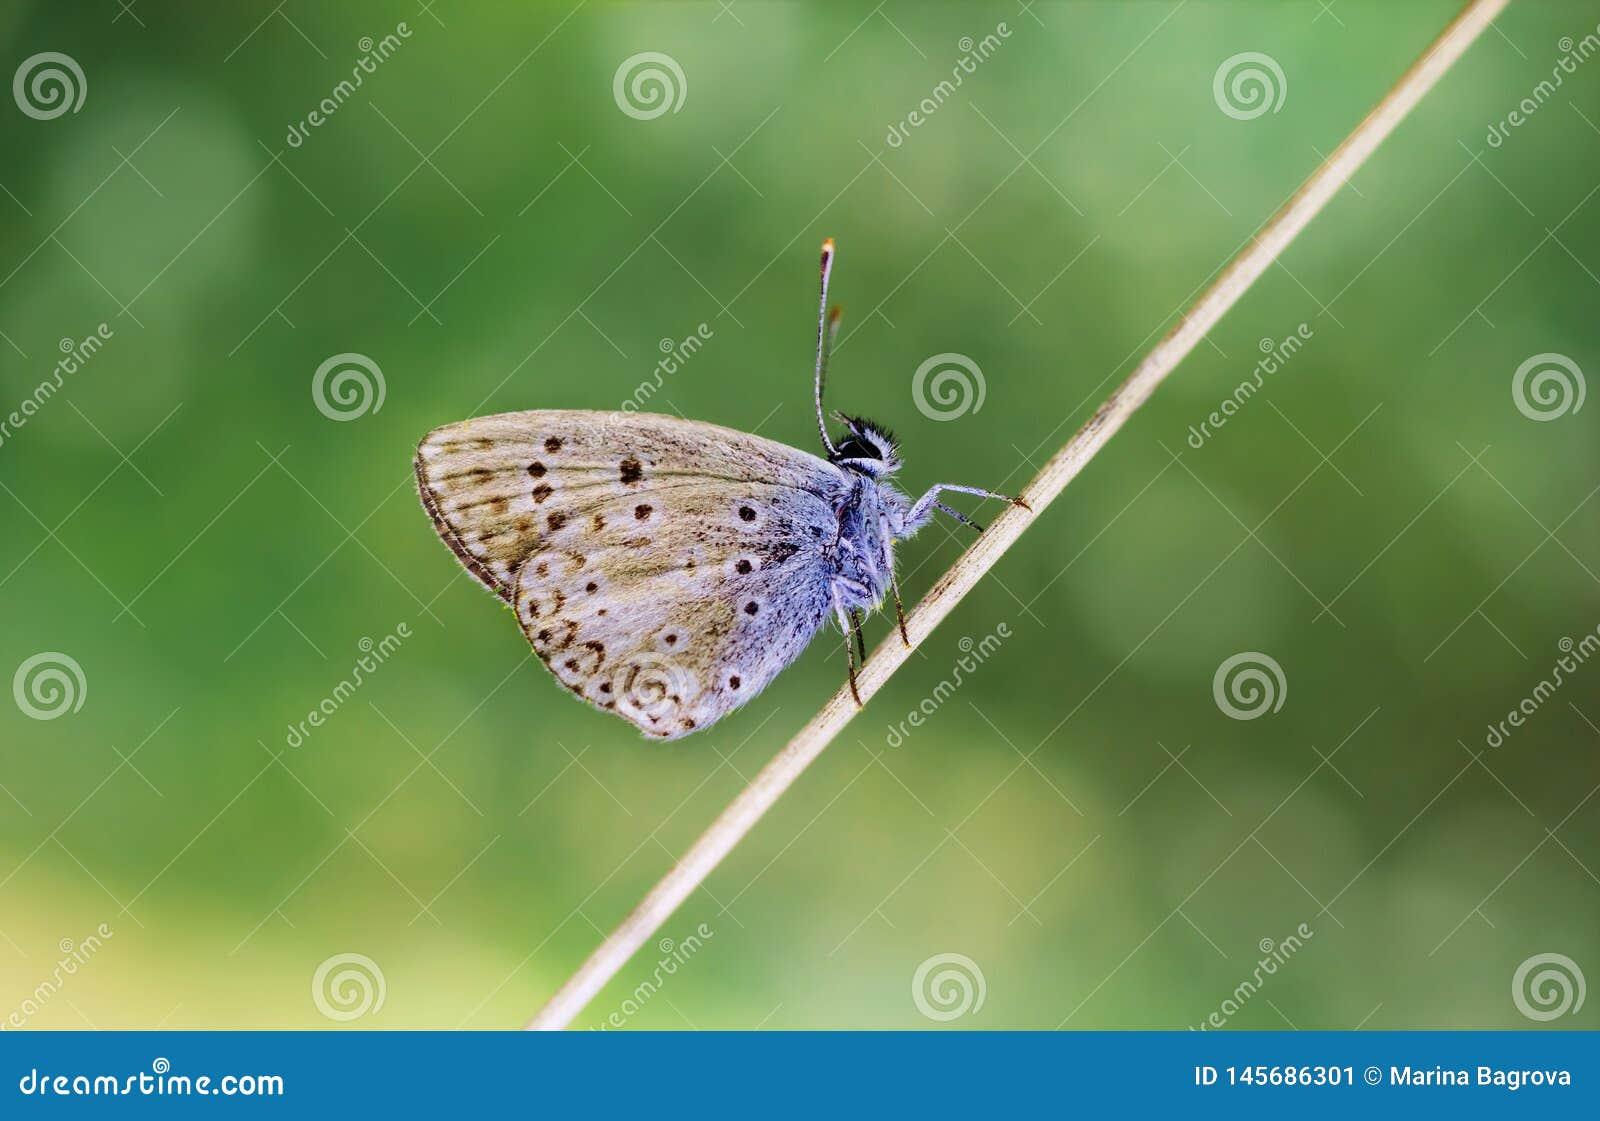 Συνεδρίαση πεταλούδων χαλκού σε έναν ξηρό μίσχο σε ένα πράσινο θολωμένο υπόβαθρο Μια ηλιόλουστη θερινή ημέρα r Στενός επάνω πεταλ